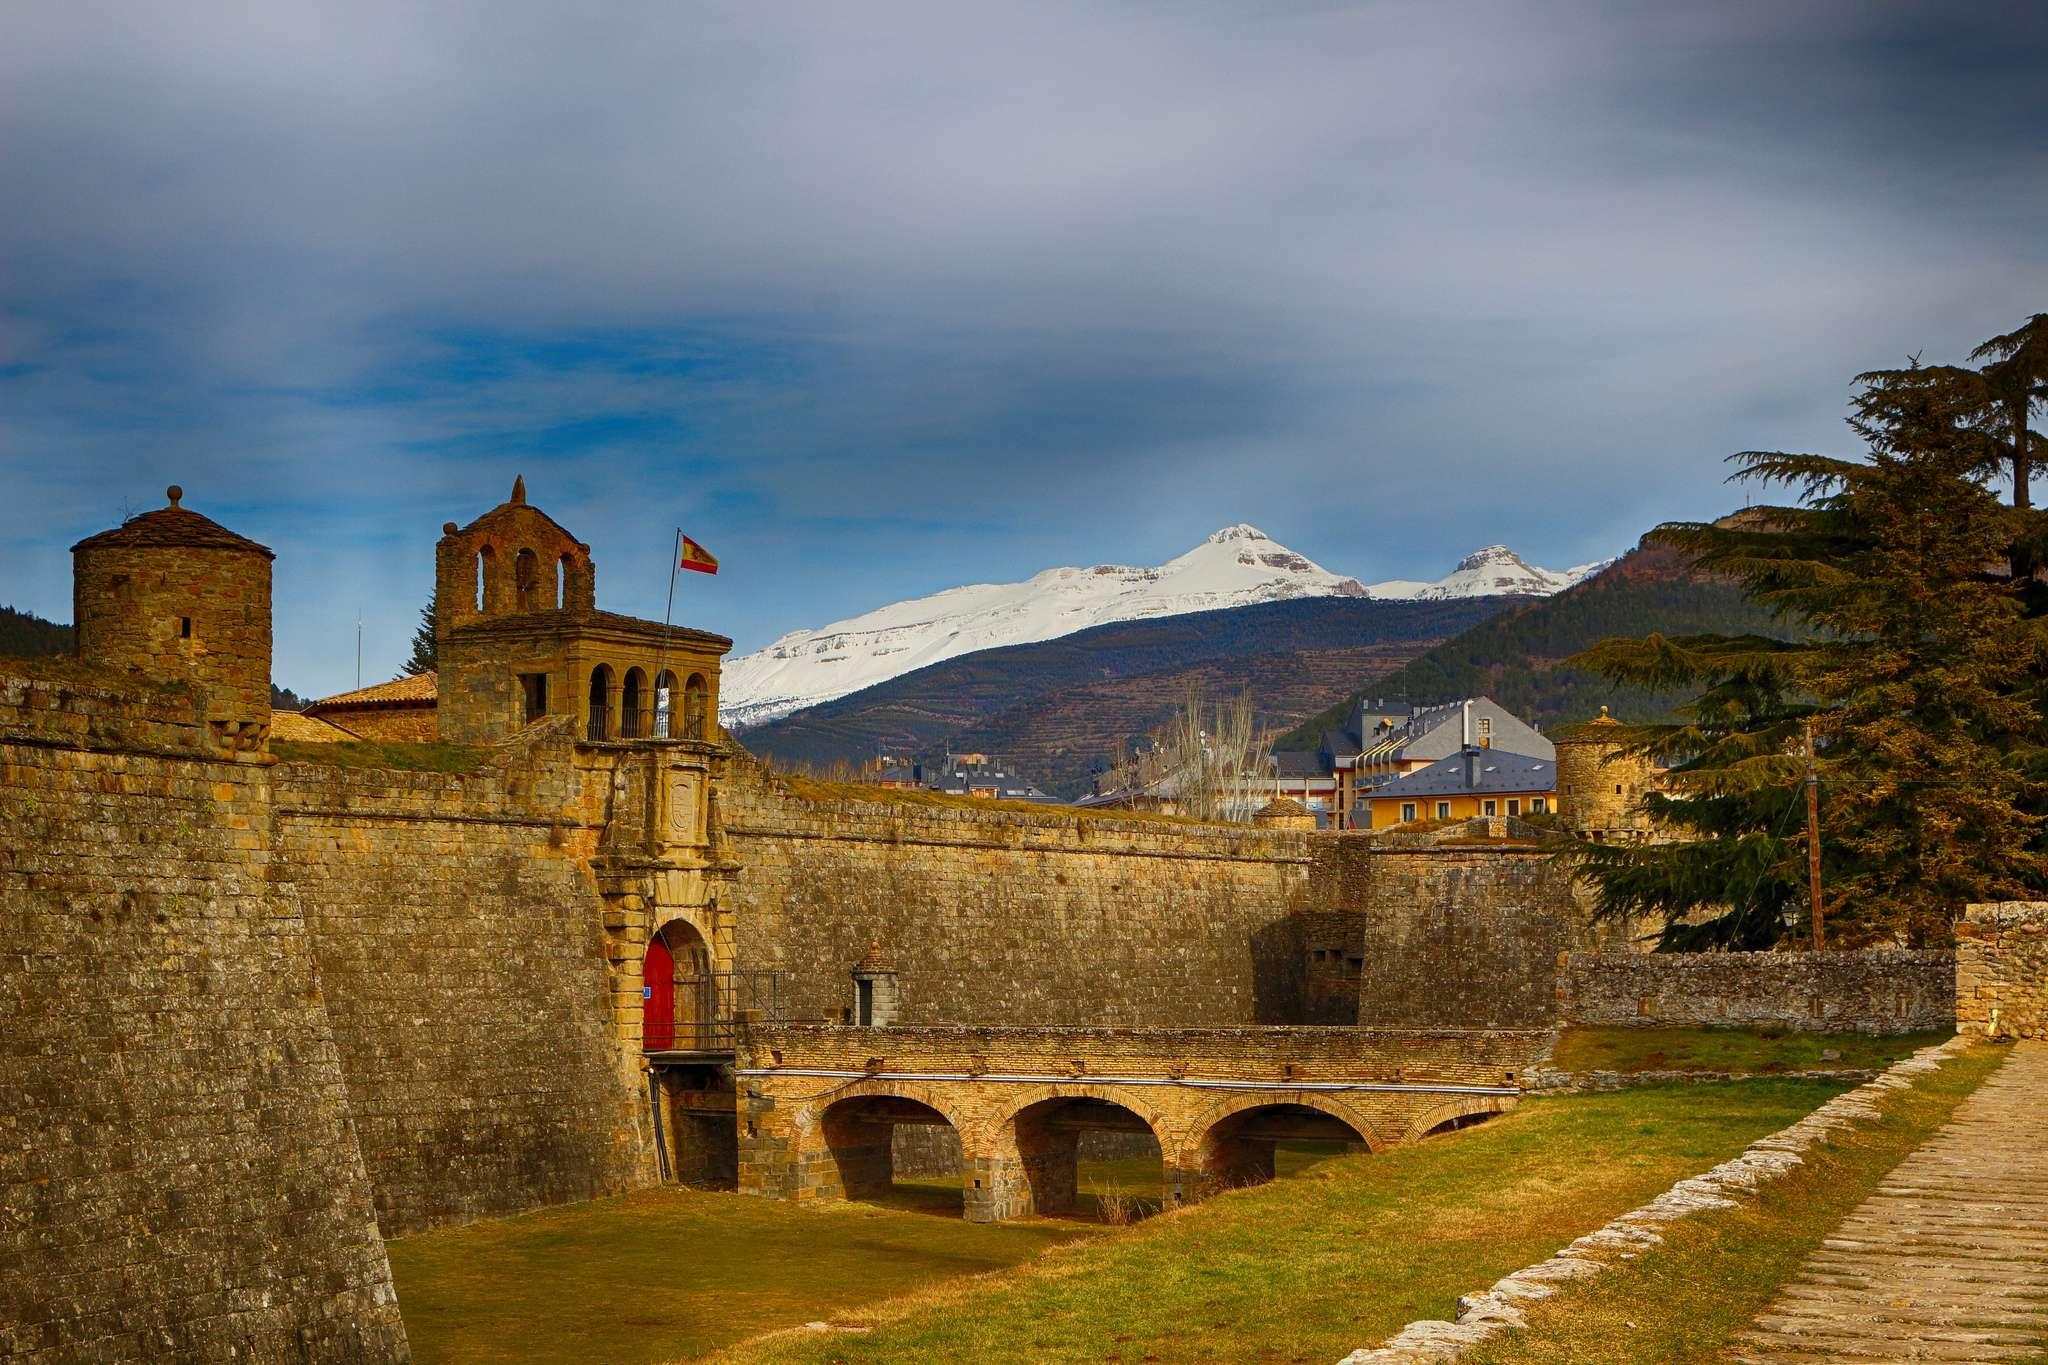 Ciudadela de Jaca de https://www.flickr.com/photos/calrritos/